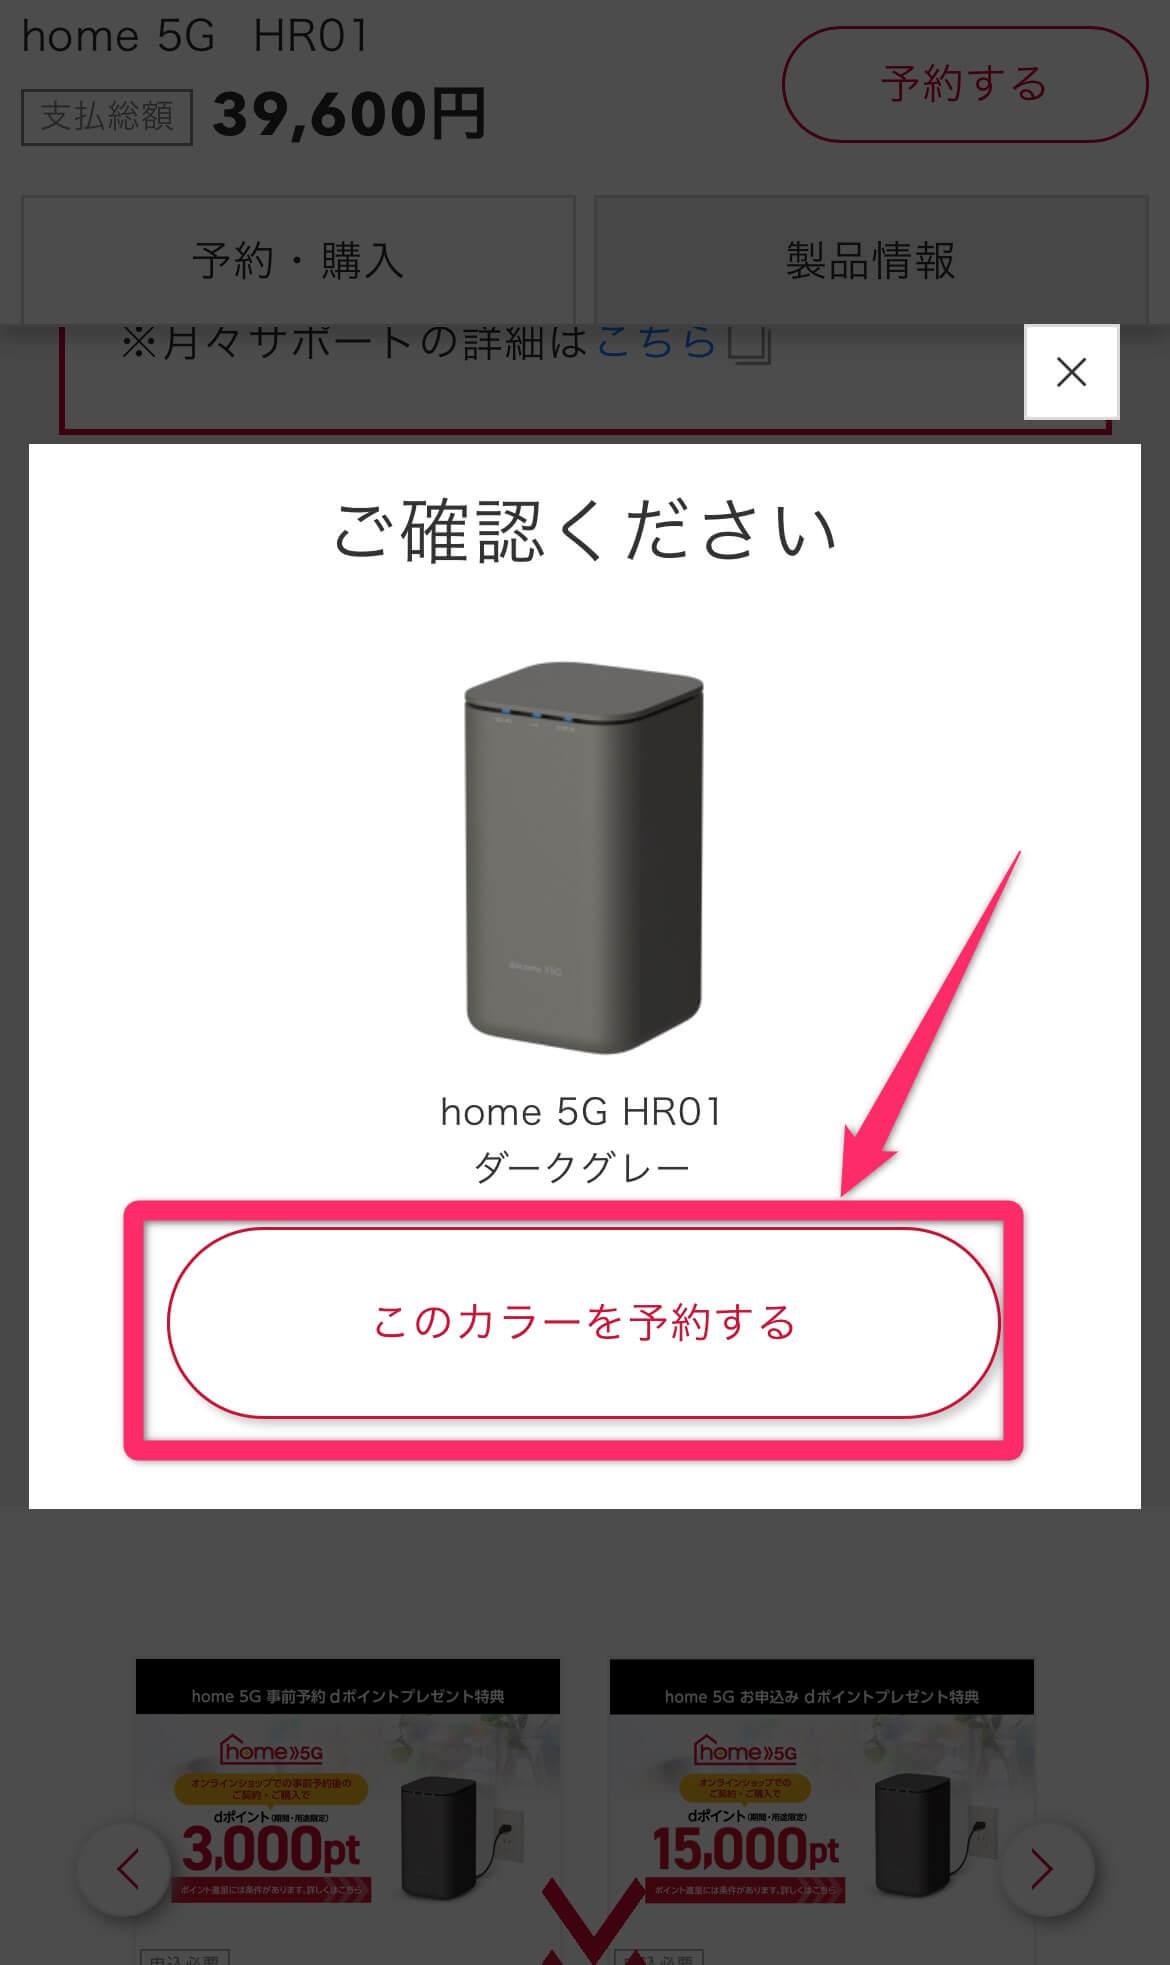 home 5G予約